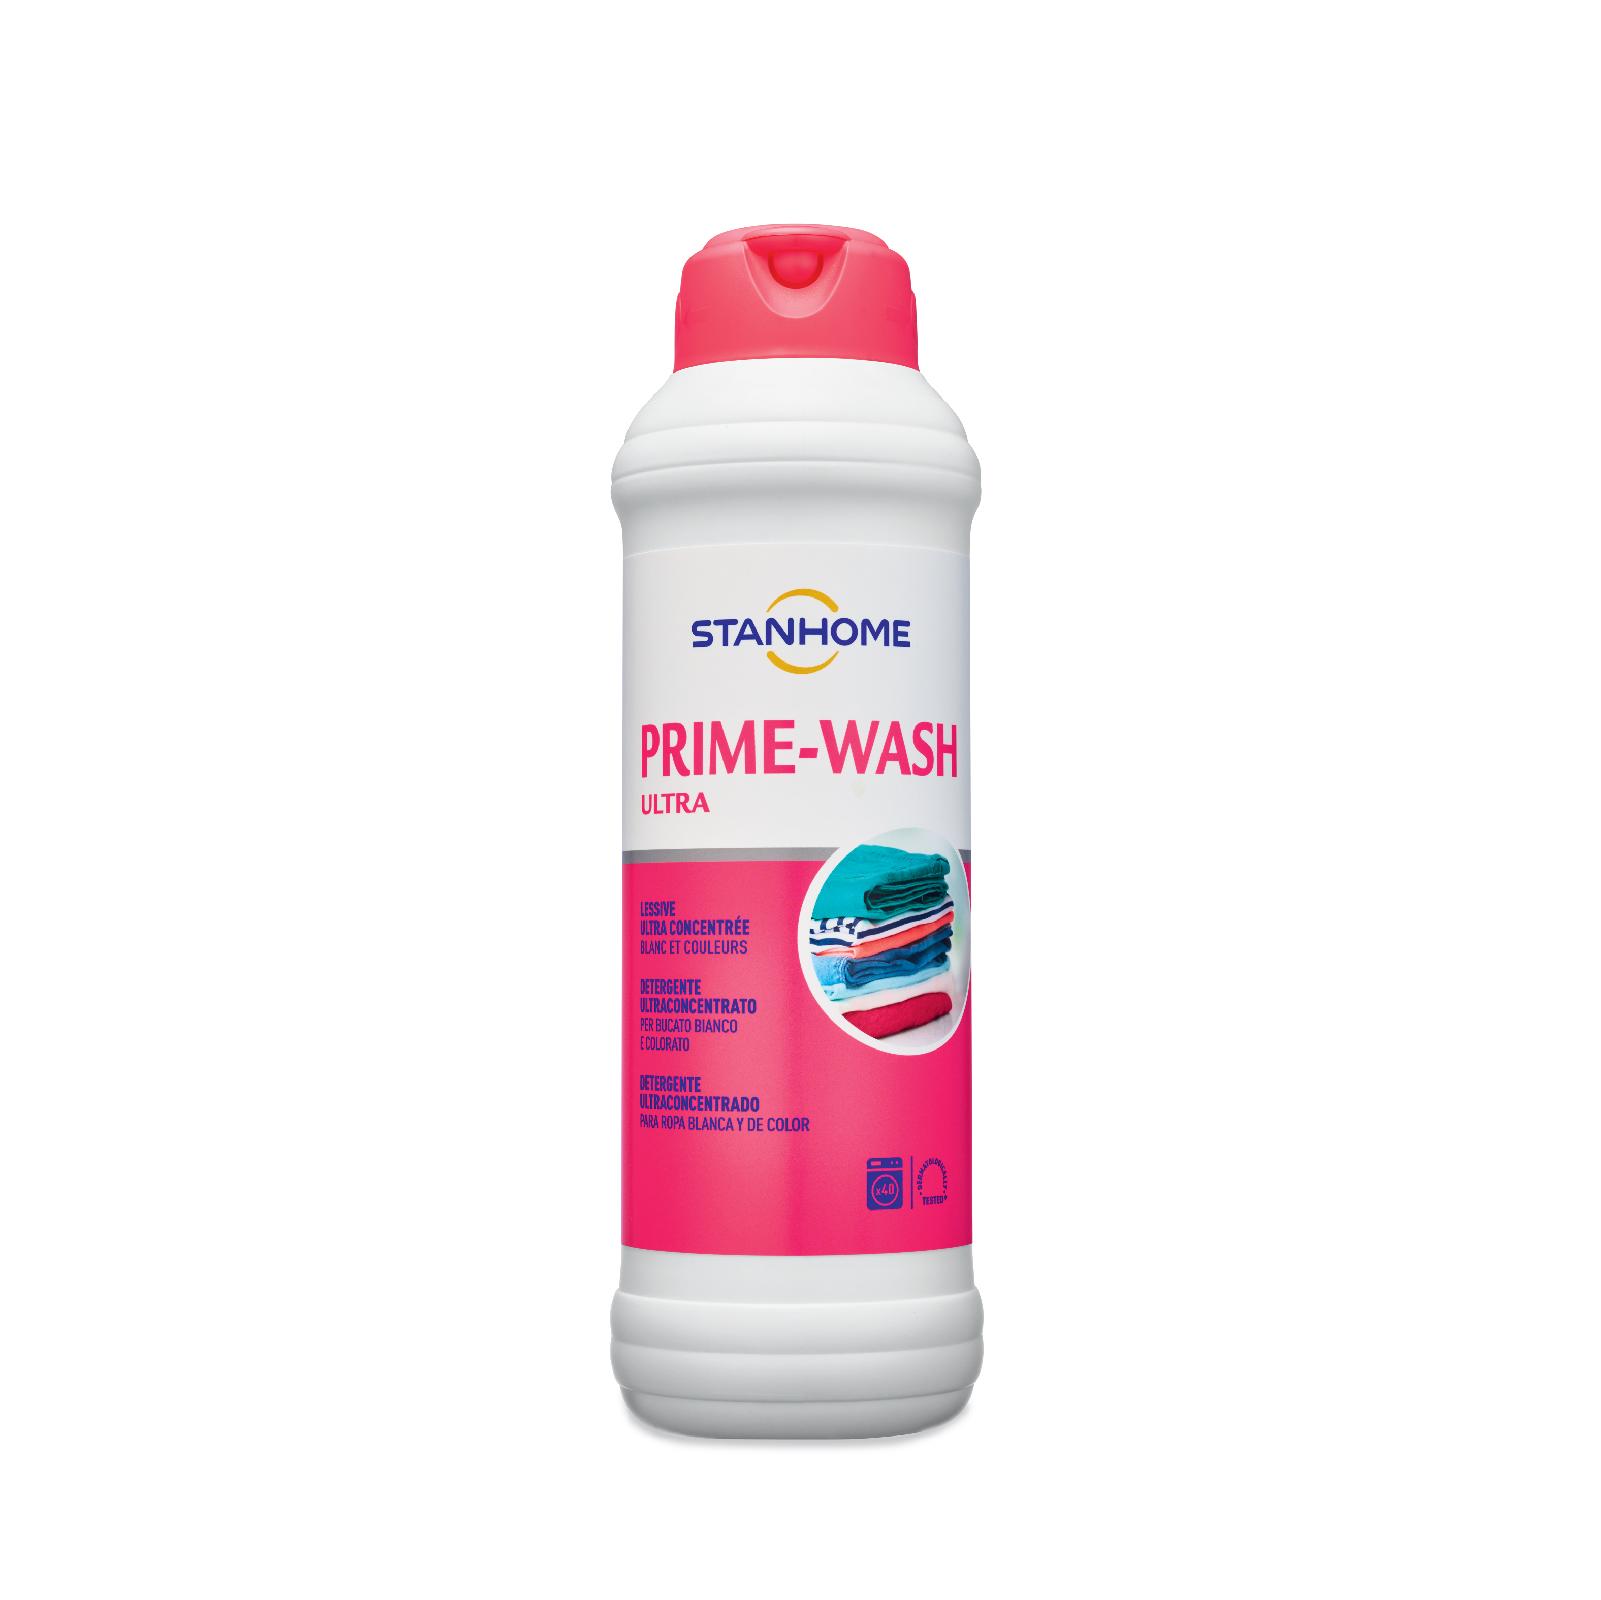 Nước giặt đậm đặc cho đồ trắng và sáng màu Stanhome Prime Wash Ultra 1000ml